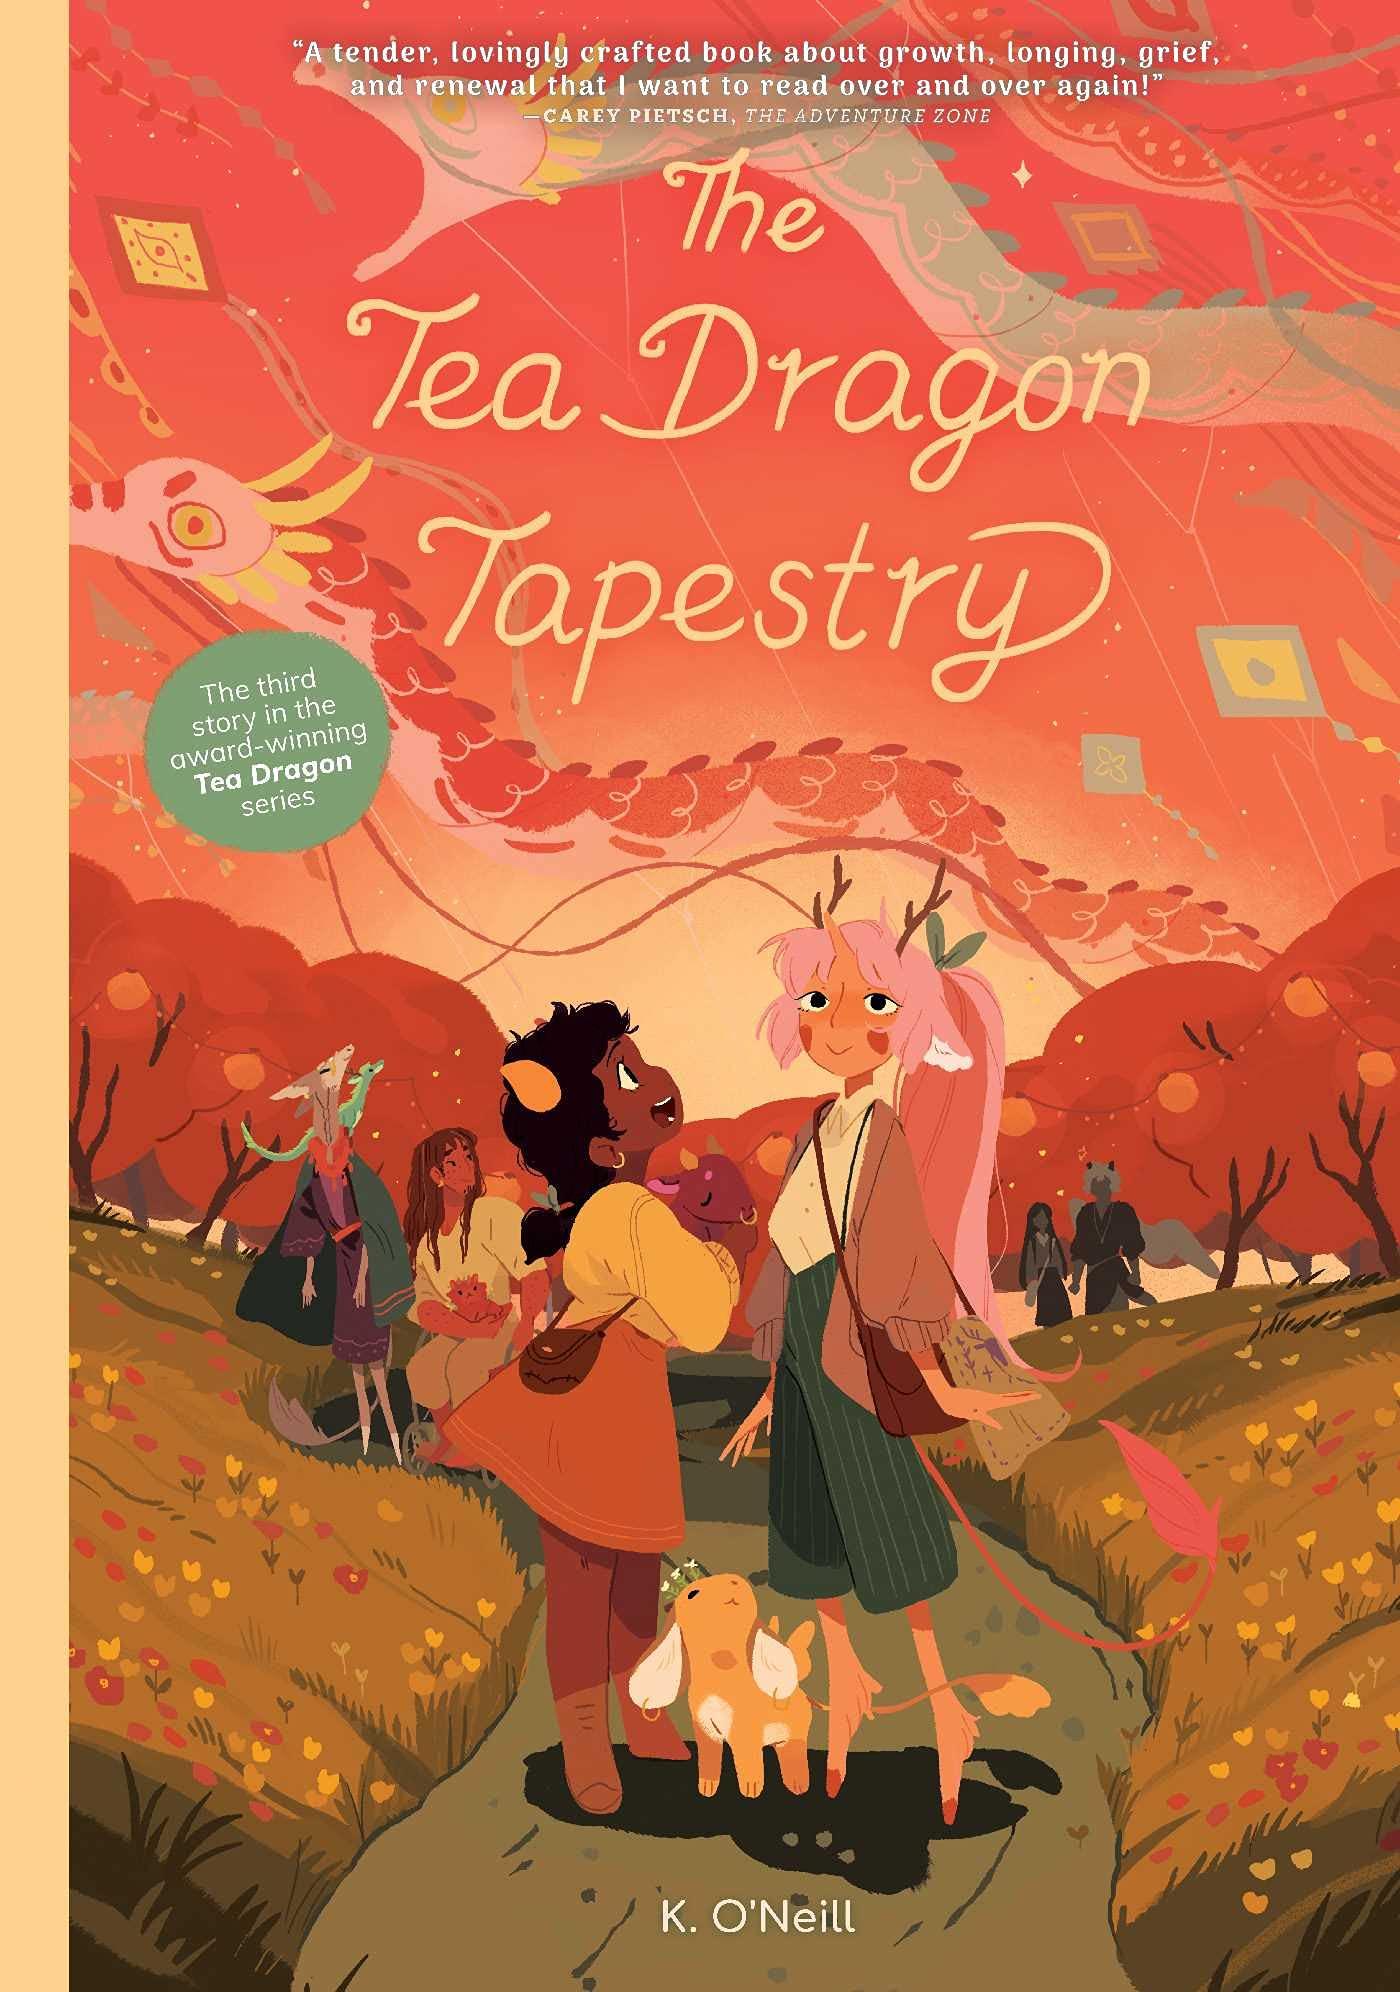 The Tea Dragon Tapestry (The Tea Dragon Society): O'Neill, K.:  9781620107744: Amazon.com: Books